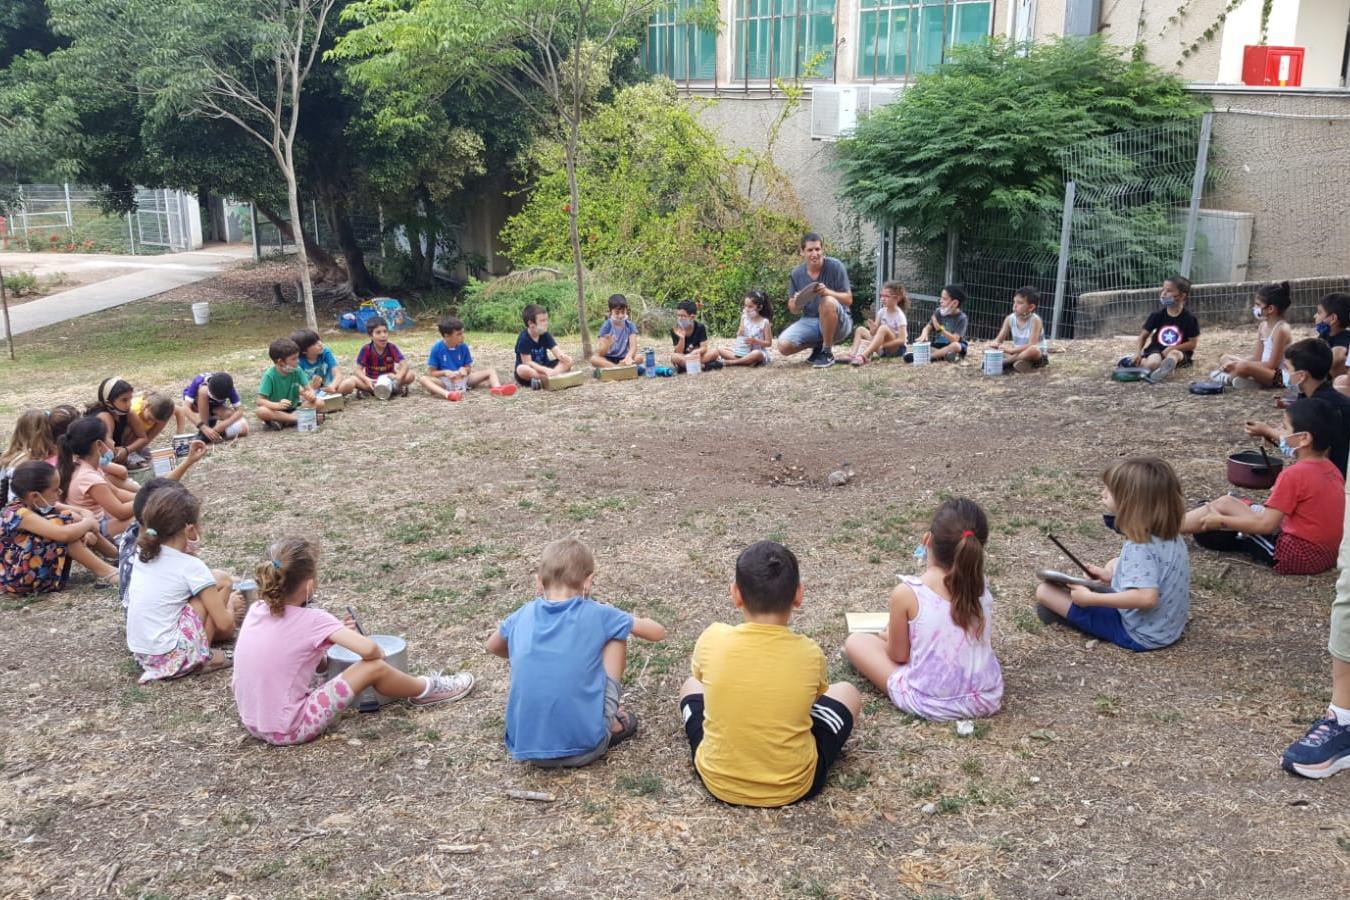 בית הספר של החופש הגדול בבתי הספר ובגני הילדים בעמק